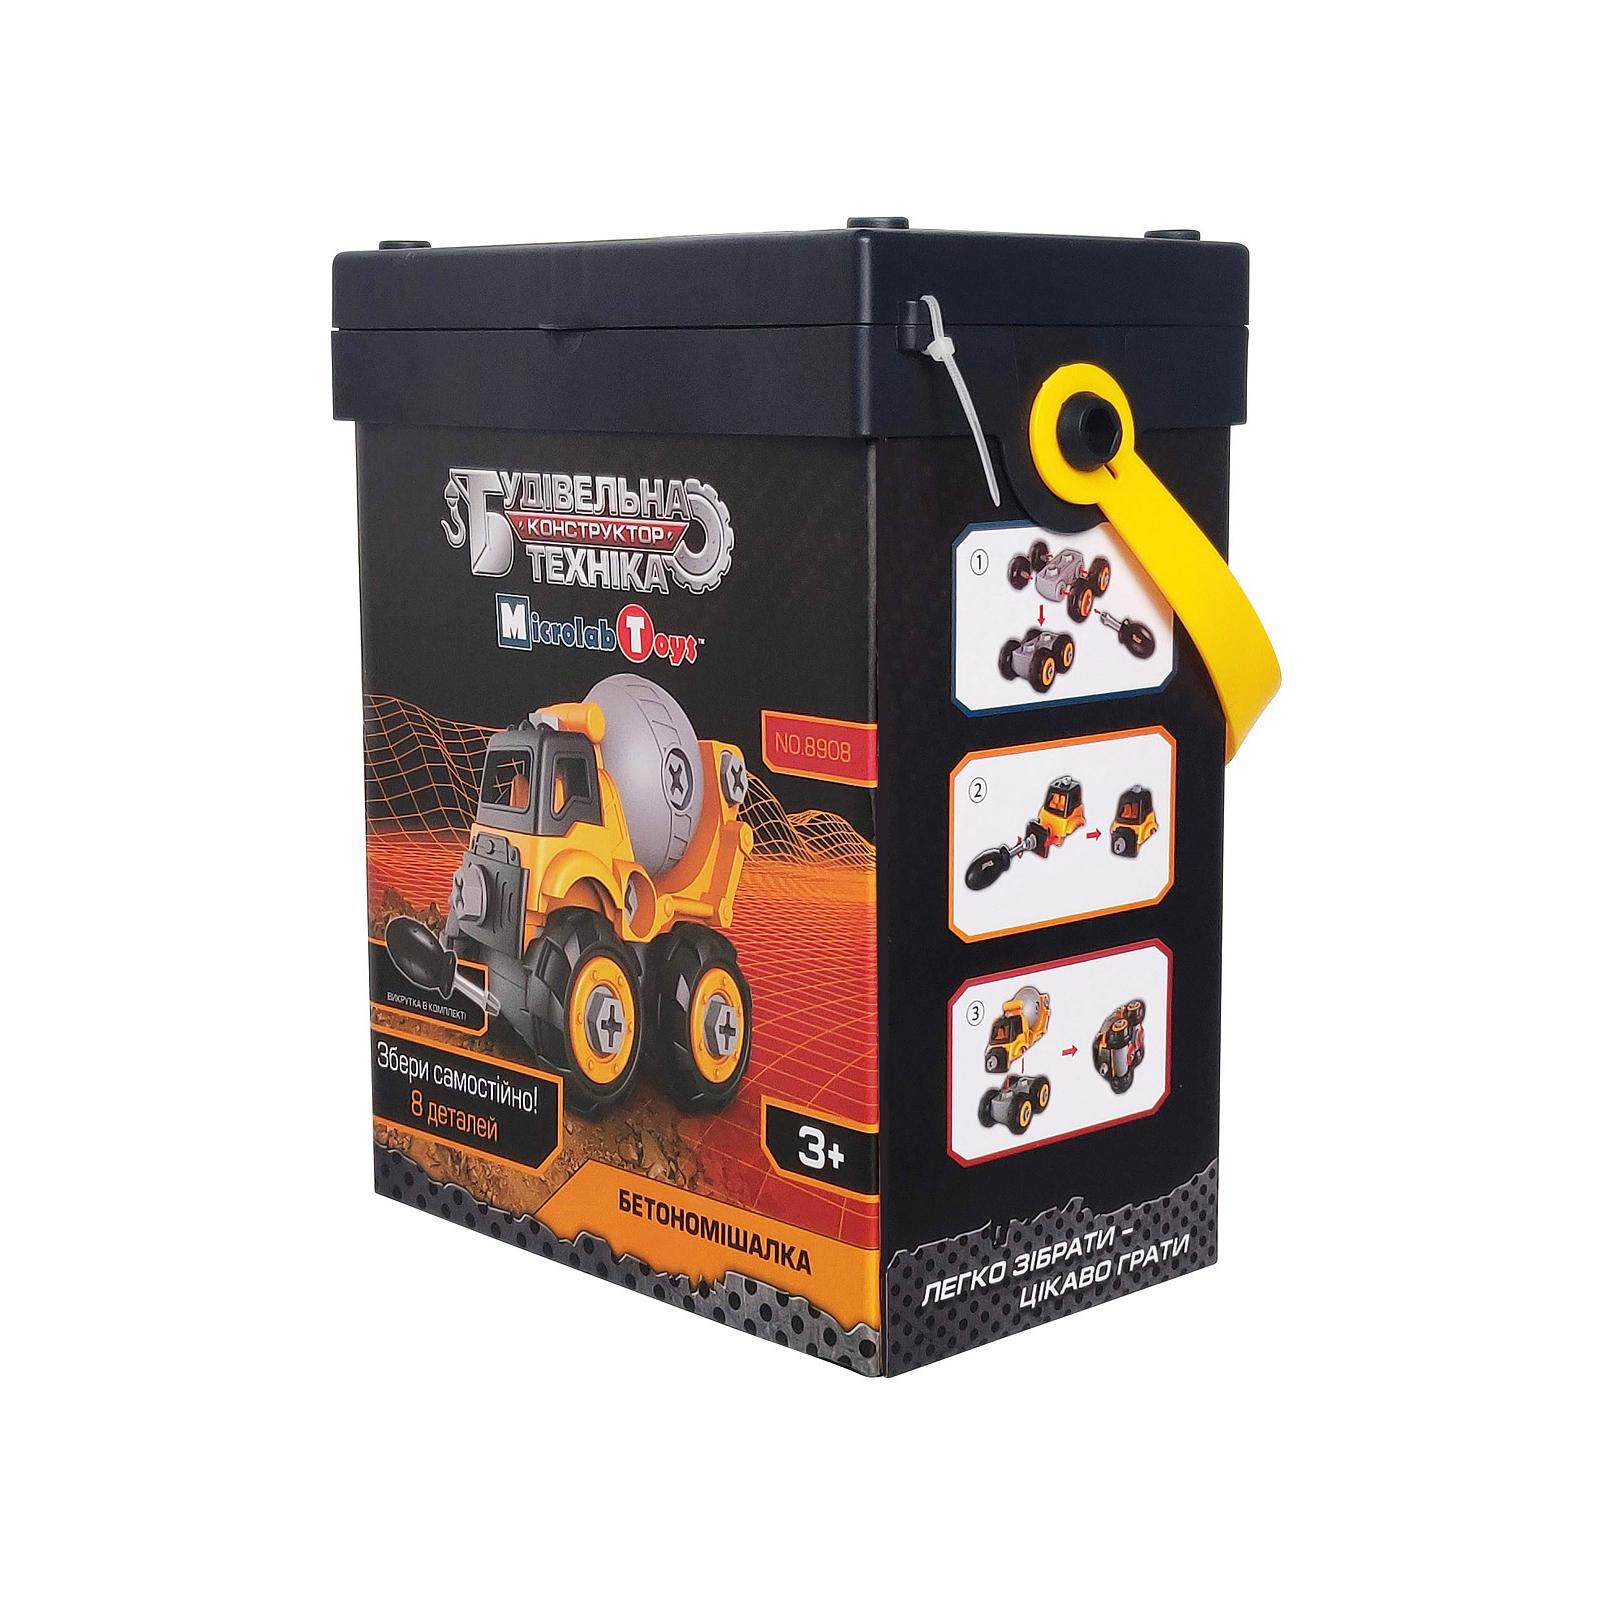 Конструктор Microlab Toys Строительная техника - бетономешалка (MT8908) изображение 3